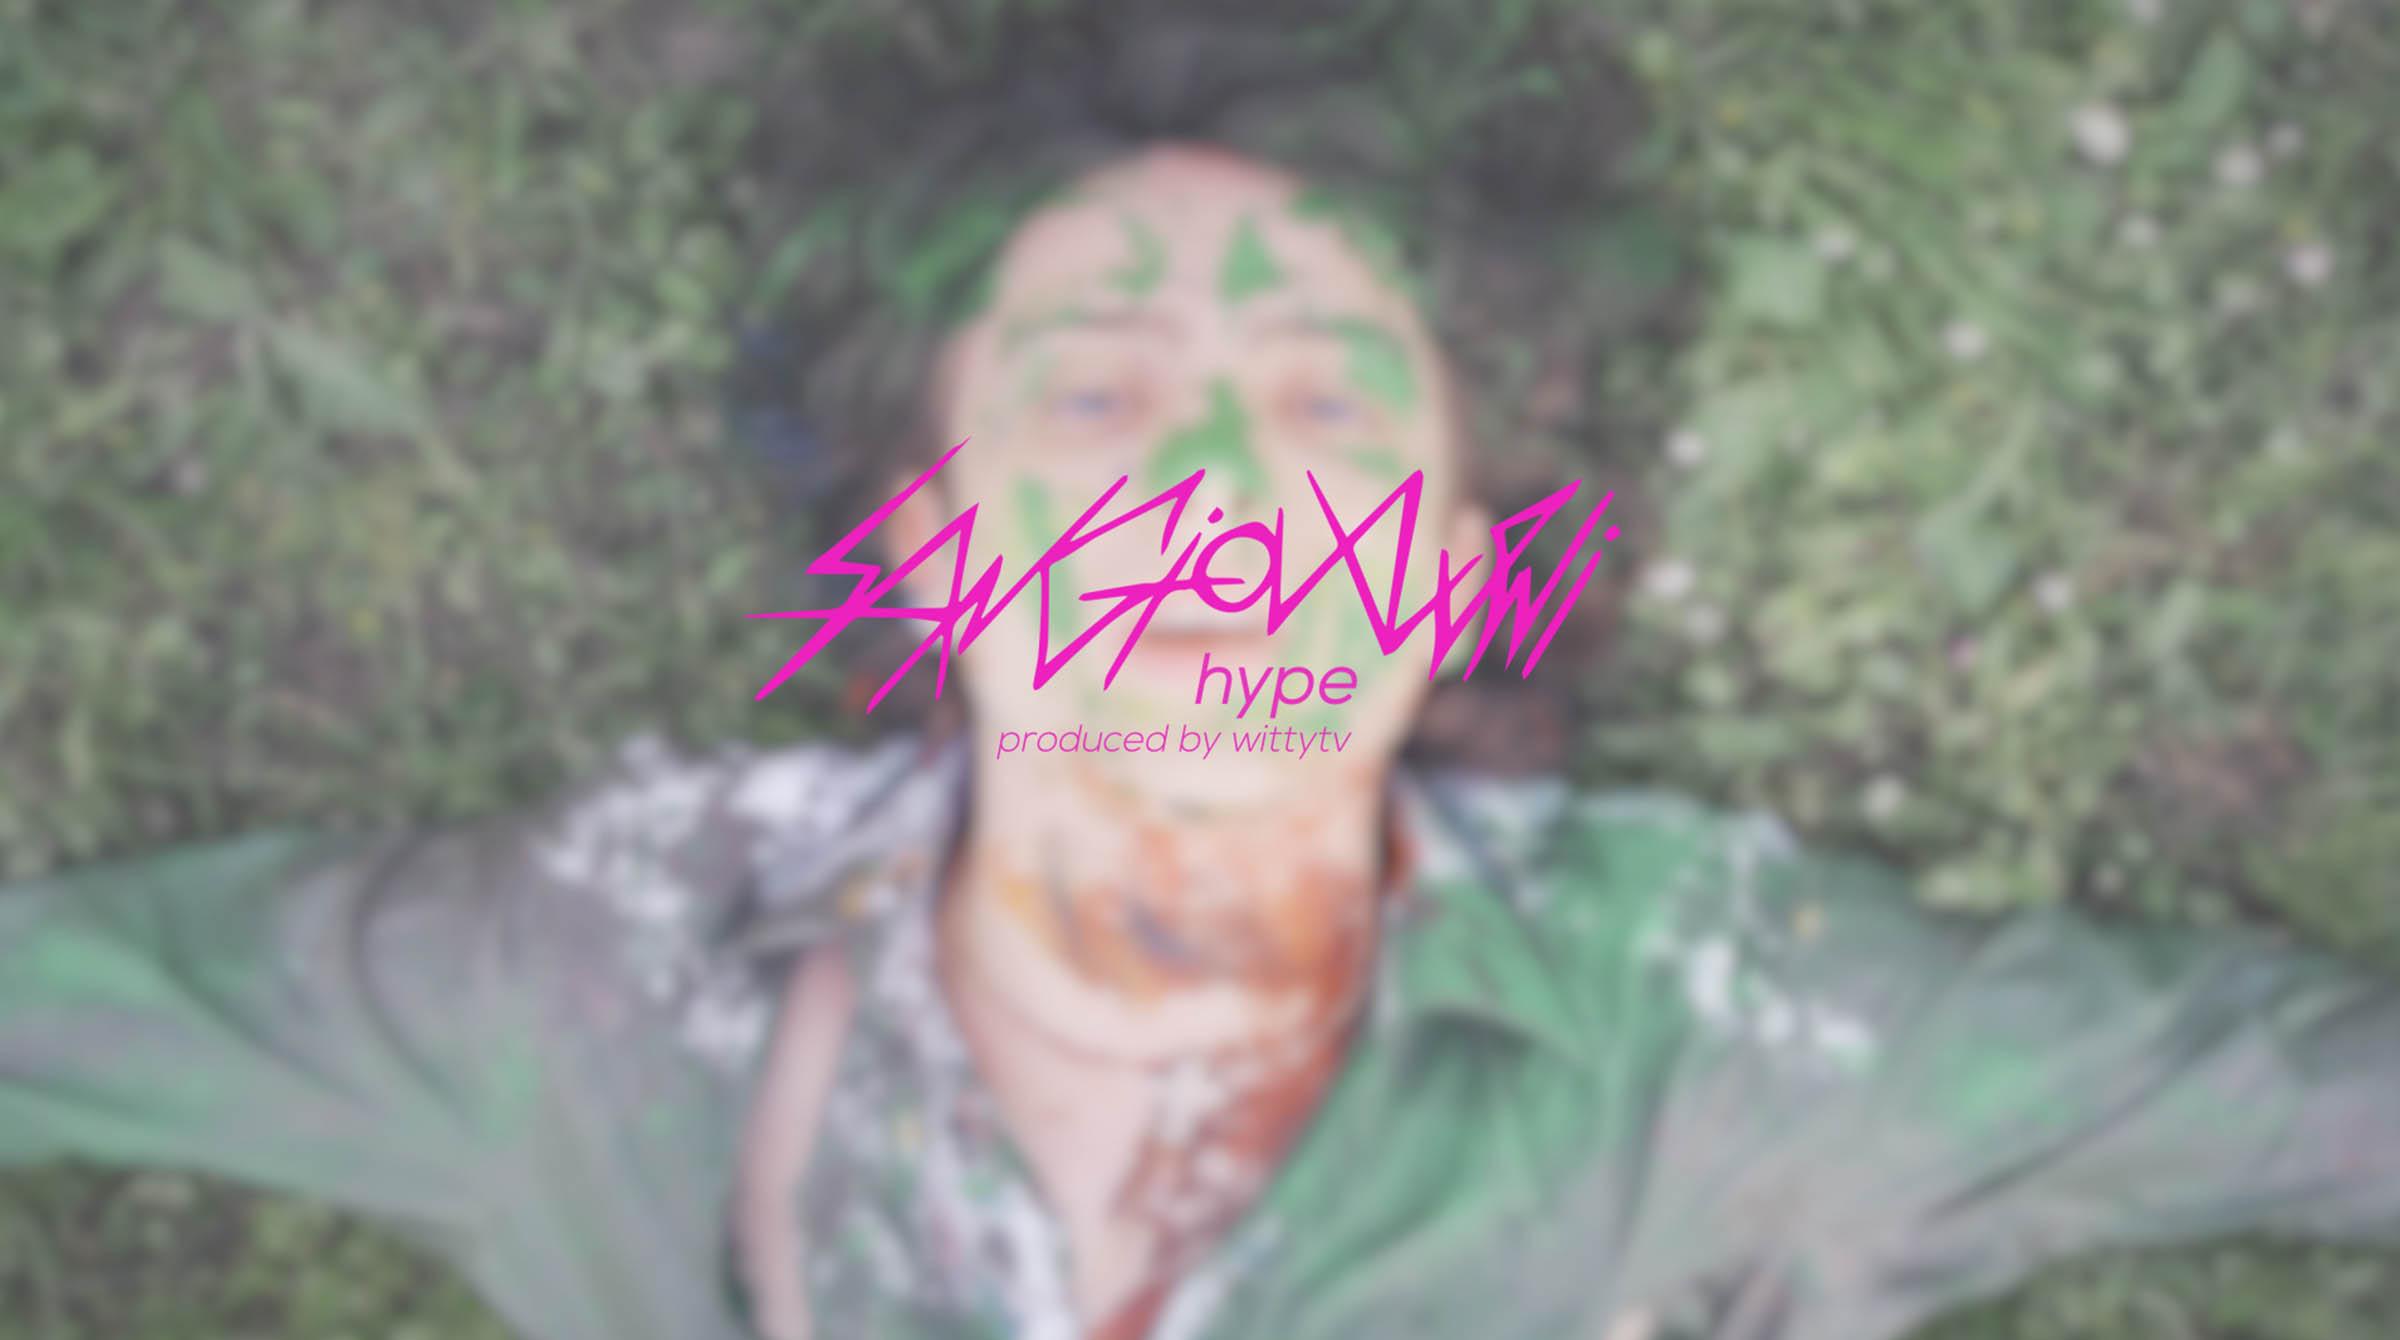 sangiovanni-videoclip-hype